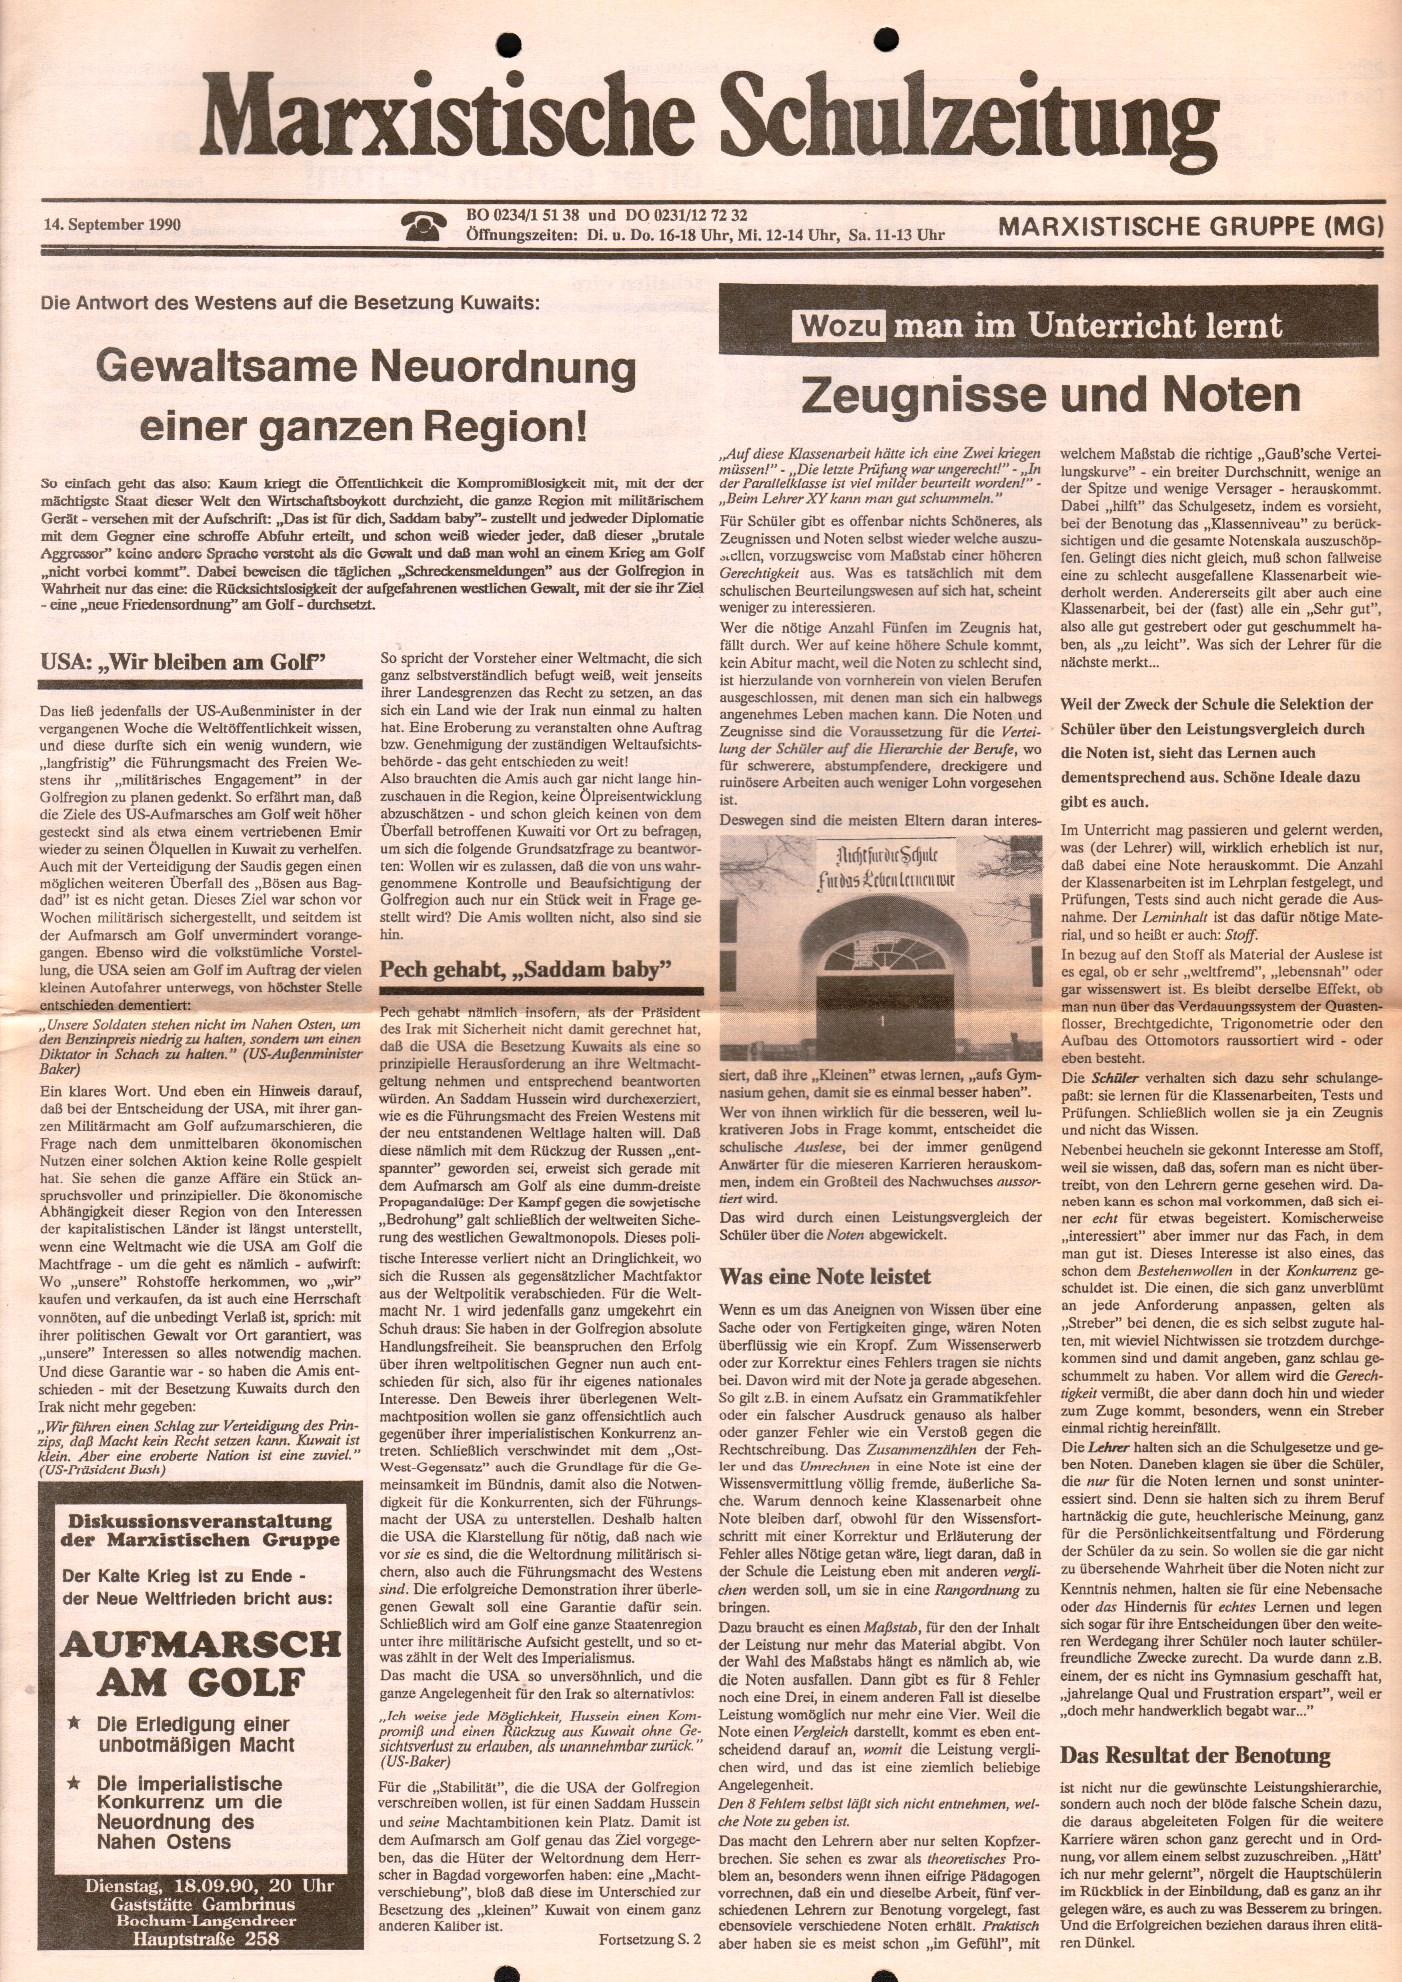 Ruhrgebiet_MG_Marxistische_Schulzeitung_19900914_01